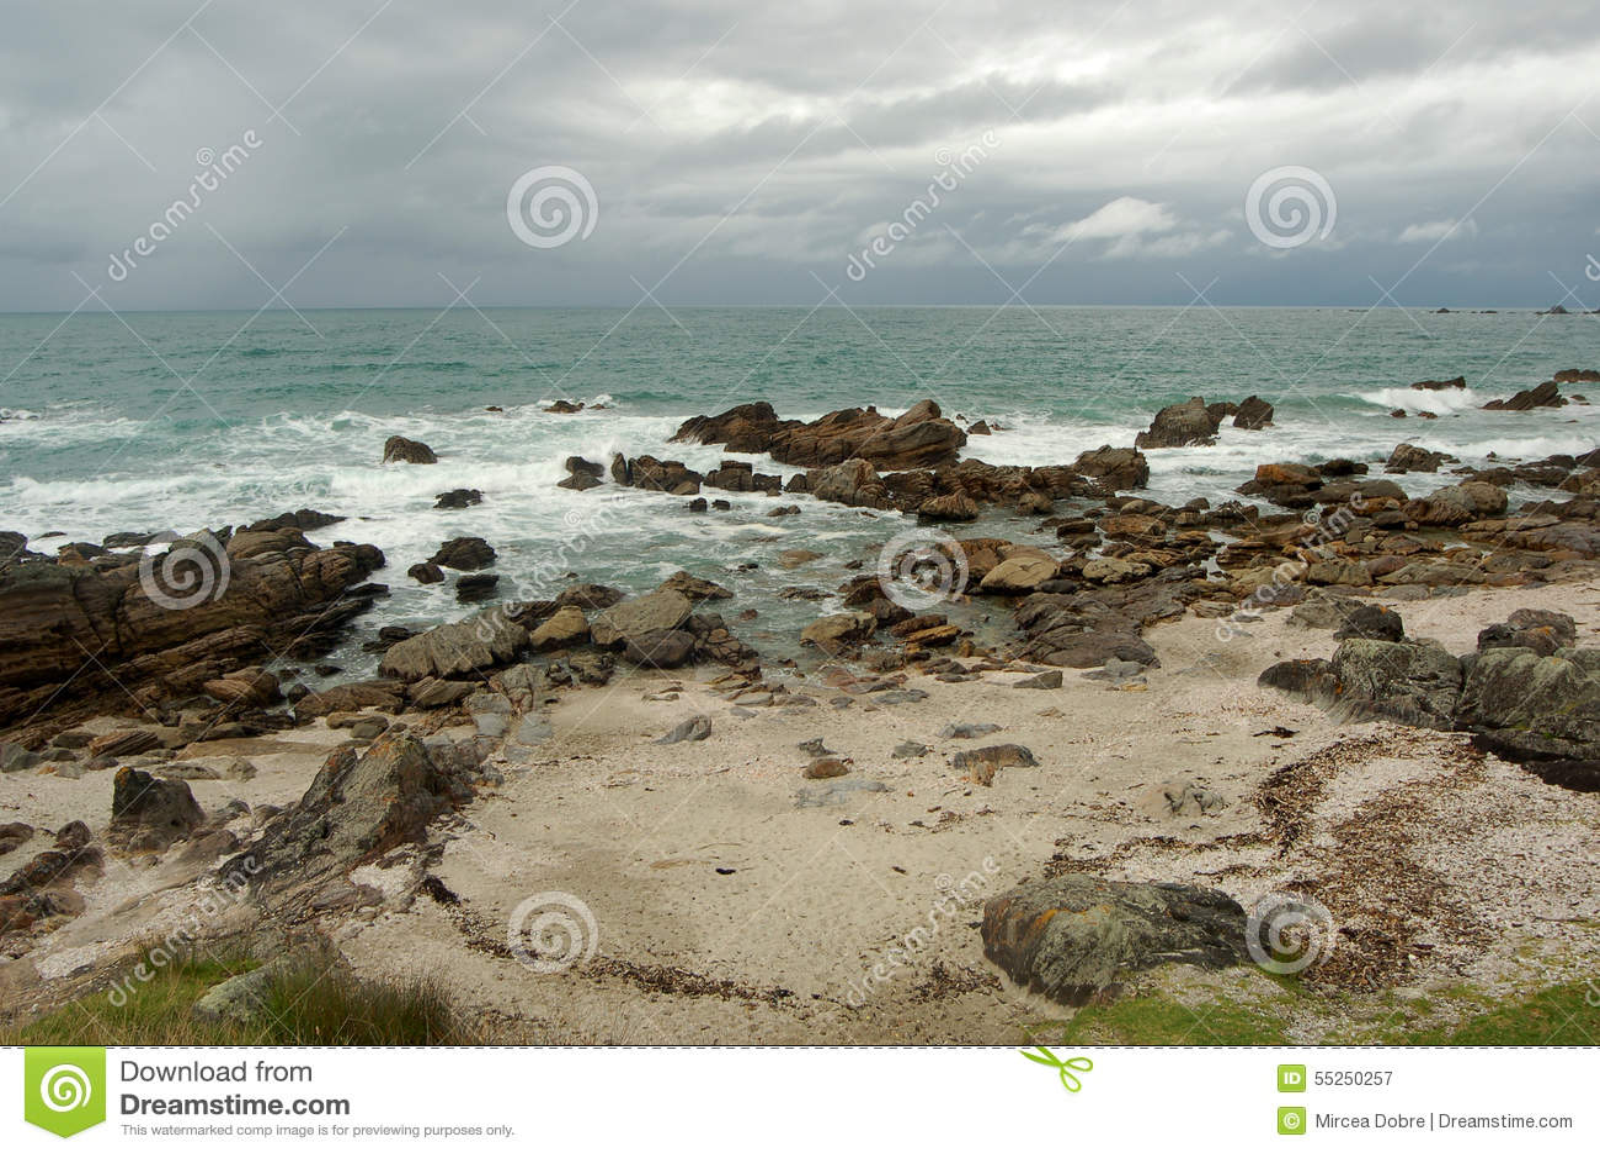 paysage de plage ville de tauranga le du nord nouvelle. Black Bedroom Furniture Sets. Home Design Ideas